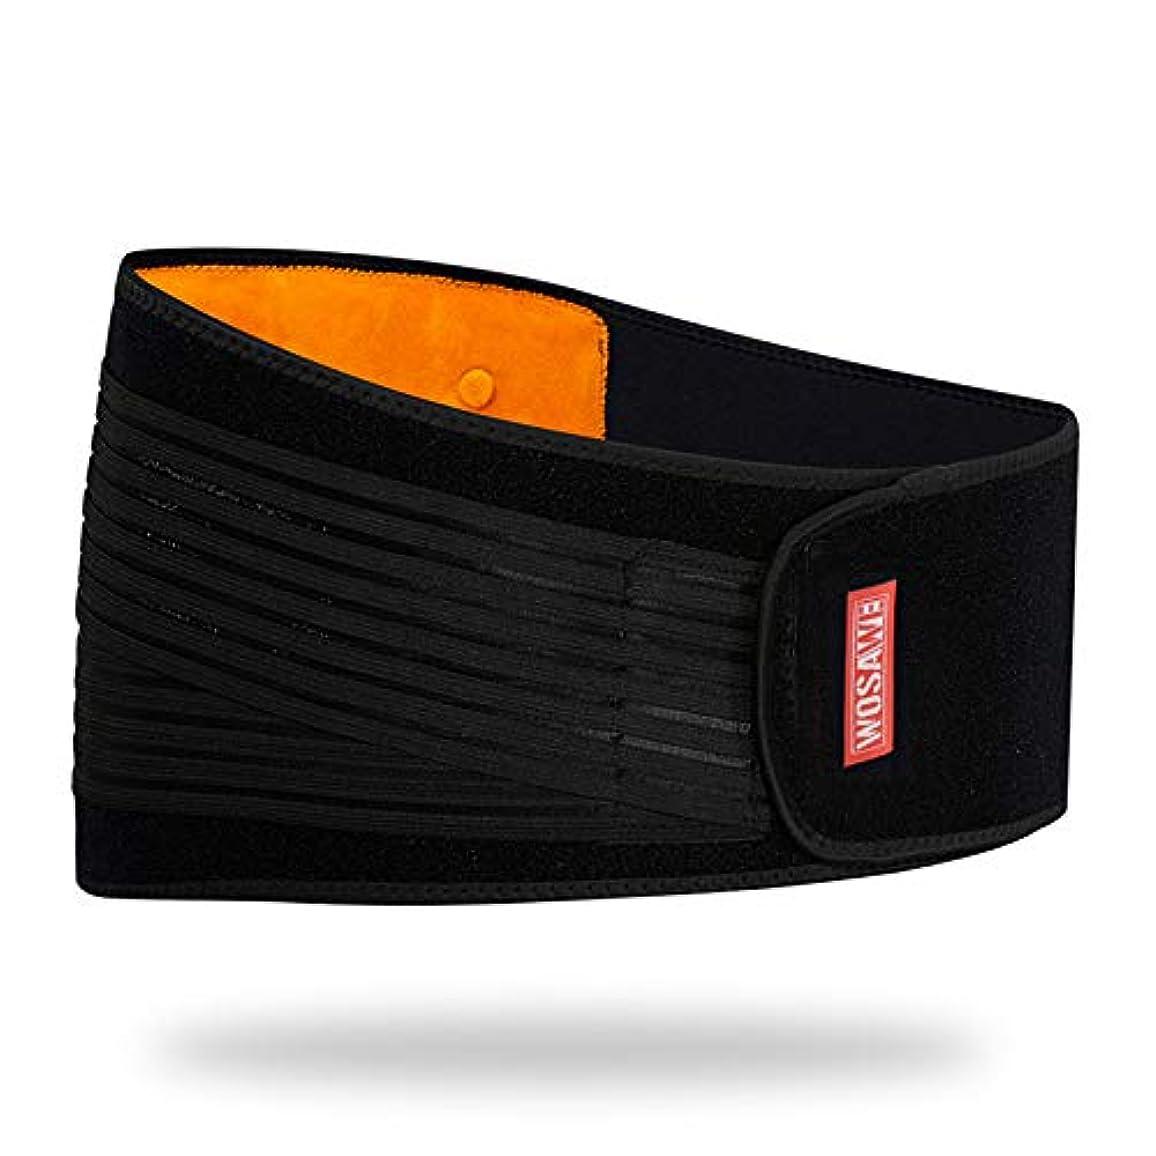 設計頑丈スモッグ腰サポーター ユニセックスウエスト保護ラップは、暖かいトリマー圧縮トレーナーボディシェイパーベリーバンドワークアウトフィットネスと様々なスポーツ、最高の腹部トレーナーベルトを保ちます 加圧 通気 男女兼用 コルセット ダイエットベルト